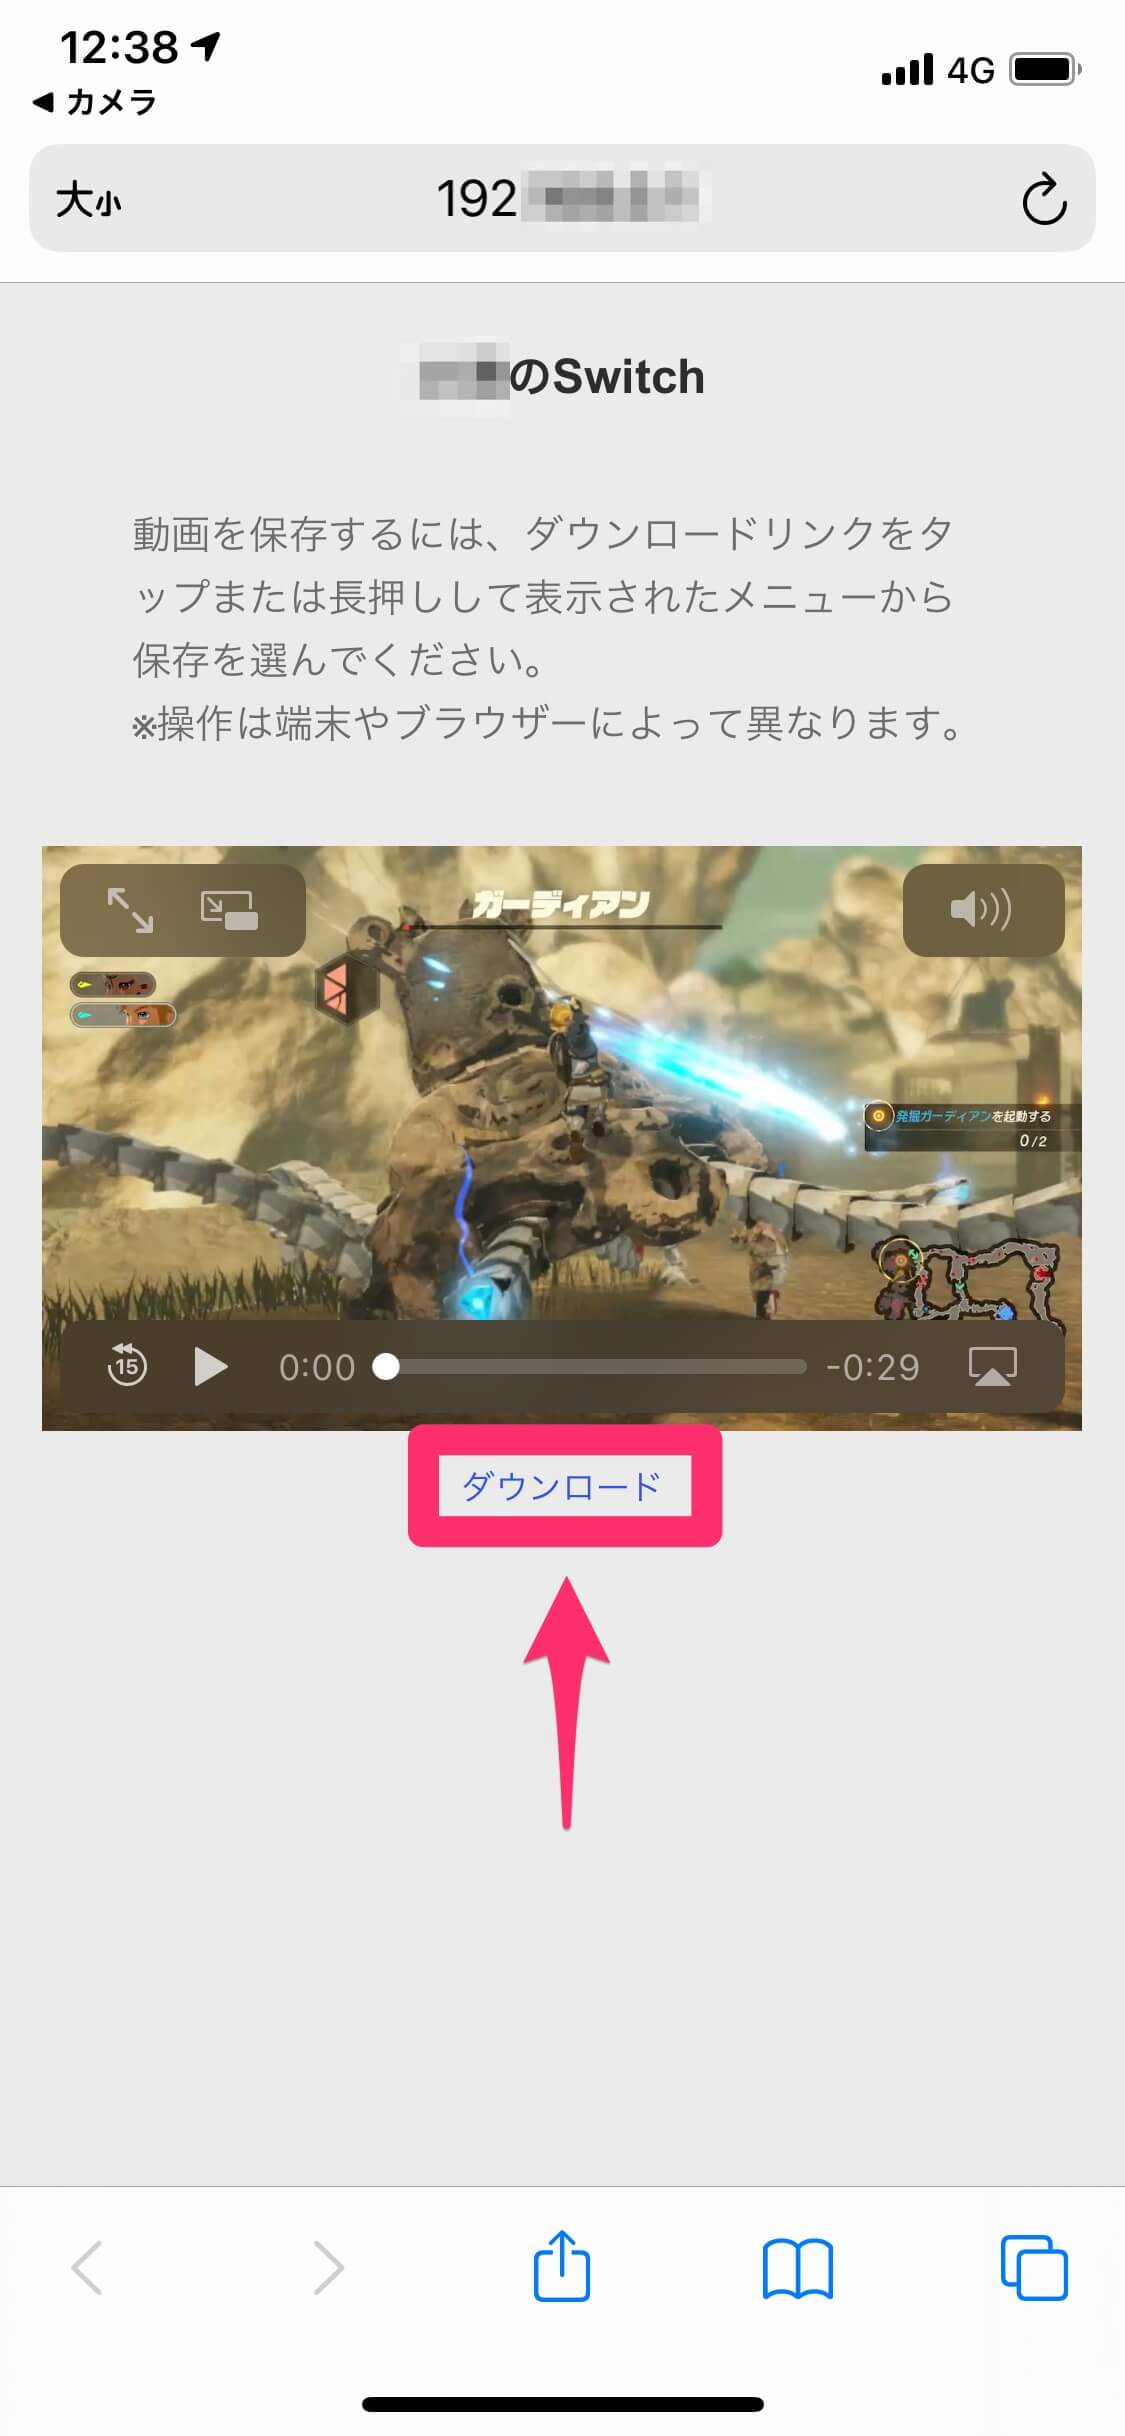 ニンテンドースイッチの画面写真や動画をiPhoneに送る方法。QRコードを読み取るだけ!